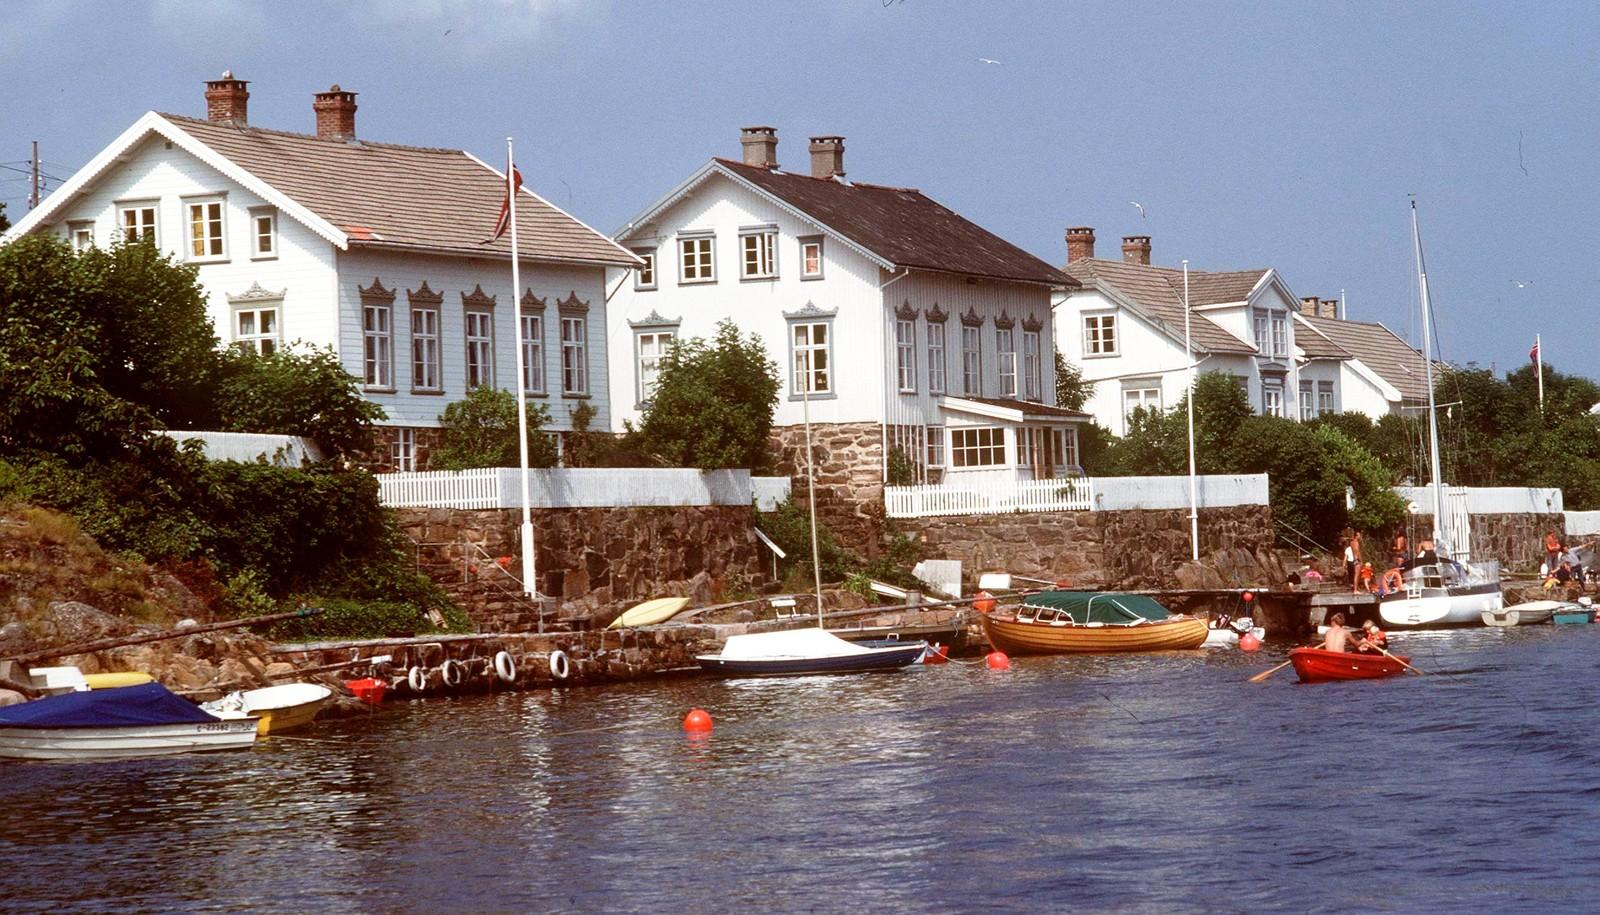 Lyngør sommer Lyngør ligger ut mot havet, omtrent midt mellom Risør og Tvedestrand. Stedet består av fire øyer, og et utall holmer. Storgata i Lyngør er 50 meter bred, og er kun mulig å krysse ved hjelp av båt eller svømmetak. Lyngør ble i 1991 kåret til Europas best bevarte tettsted av Europakommisjonen.